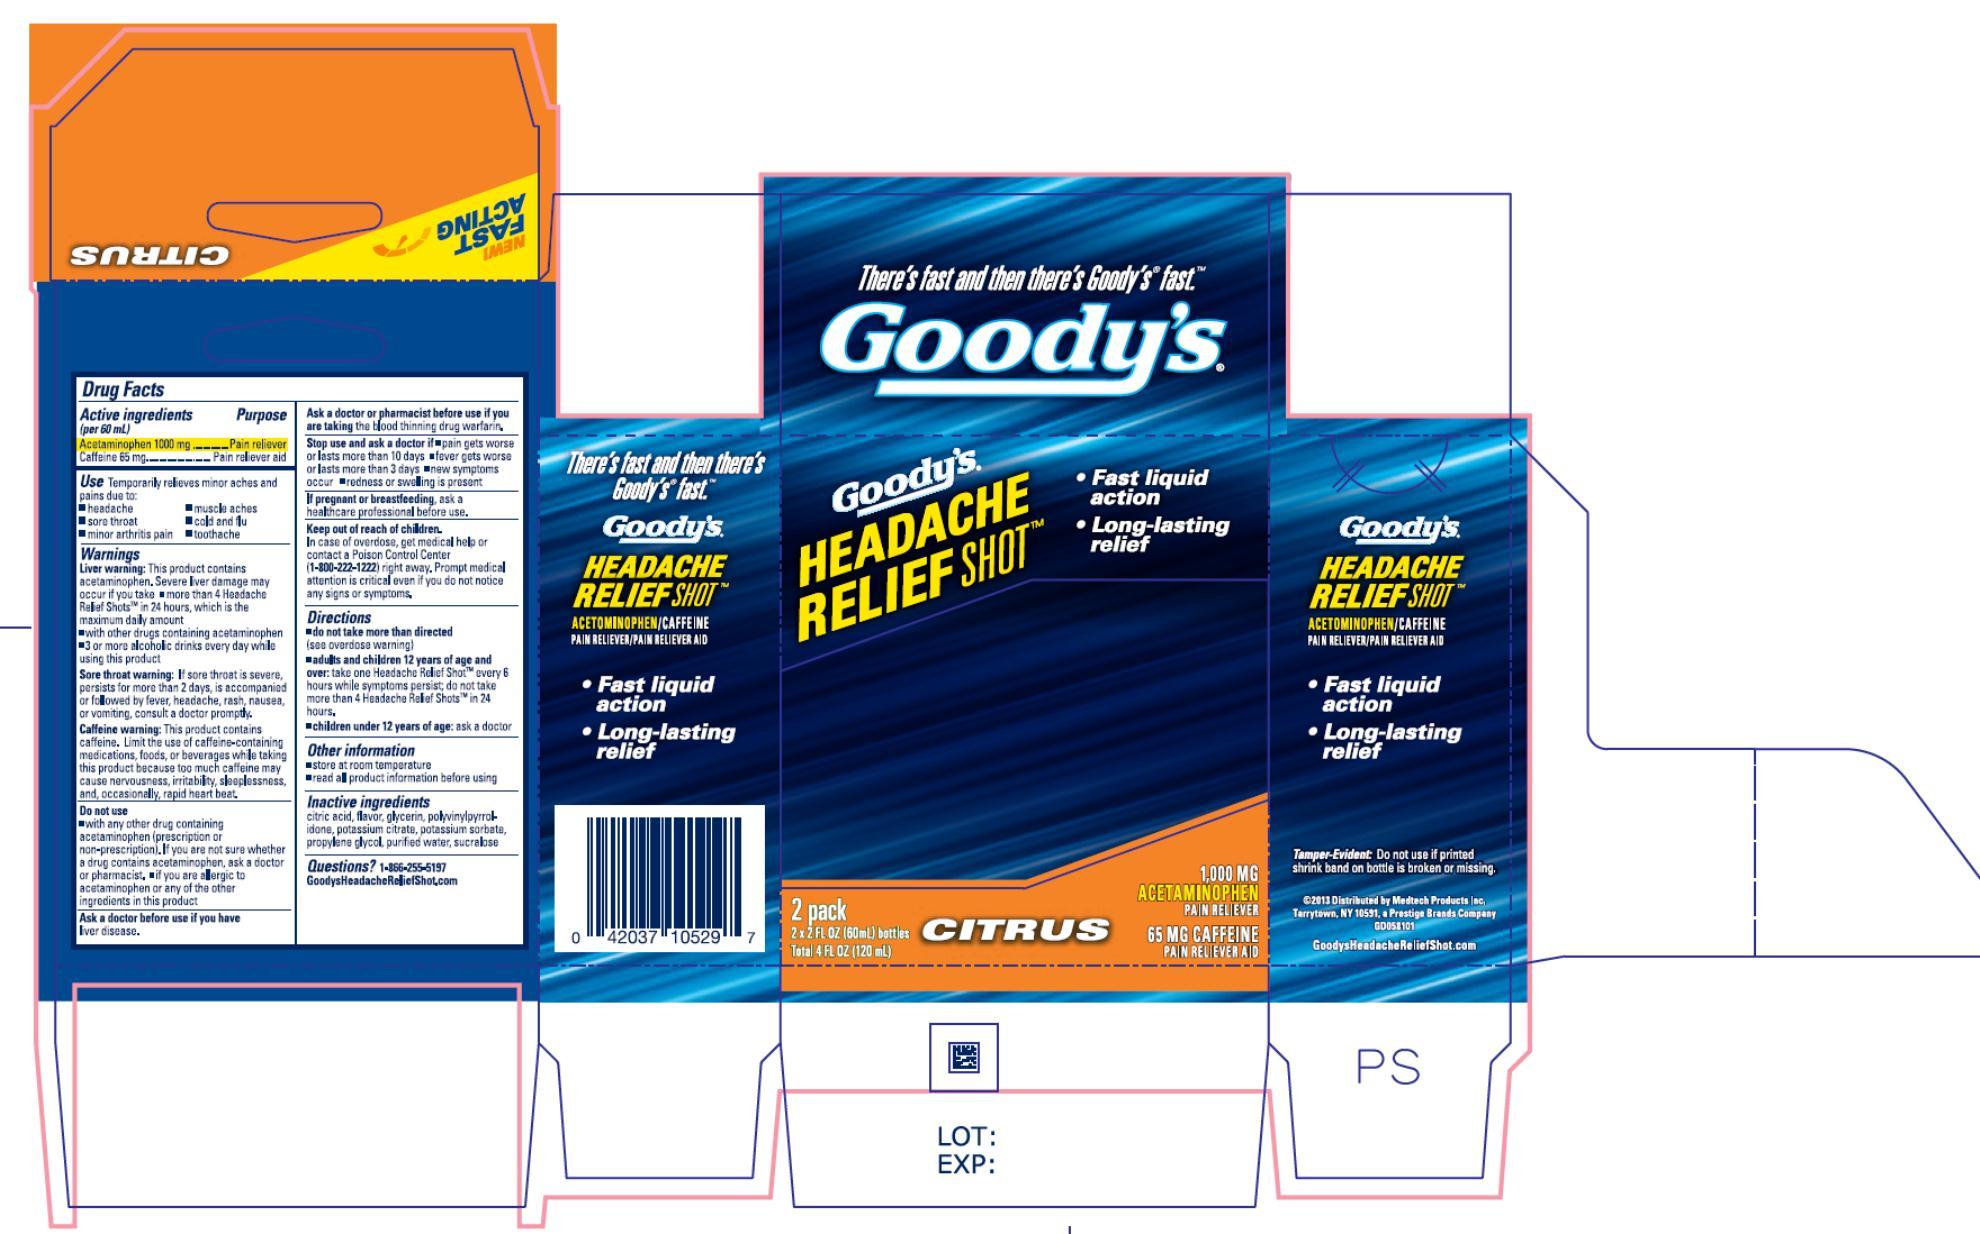 NDC- 63029-629-01 Goody's Headache Relief Shot 2 Pack Citrus